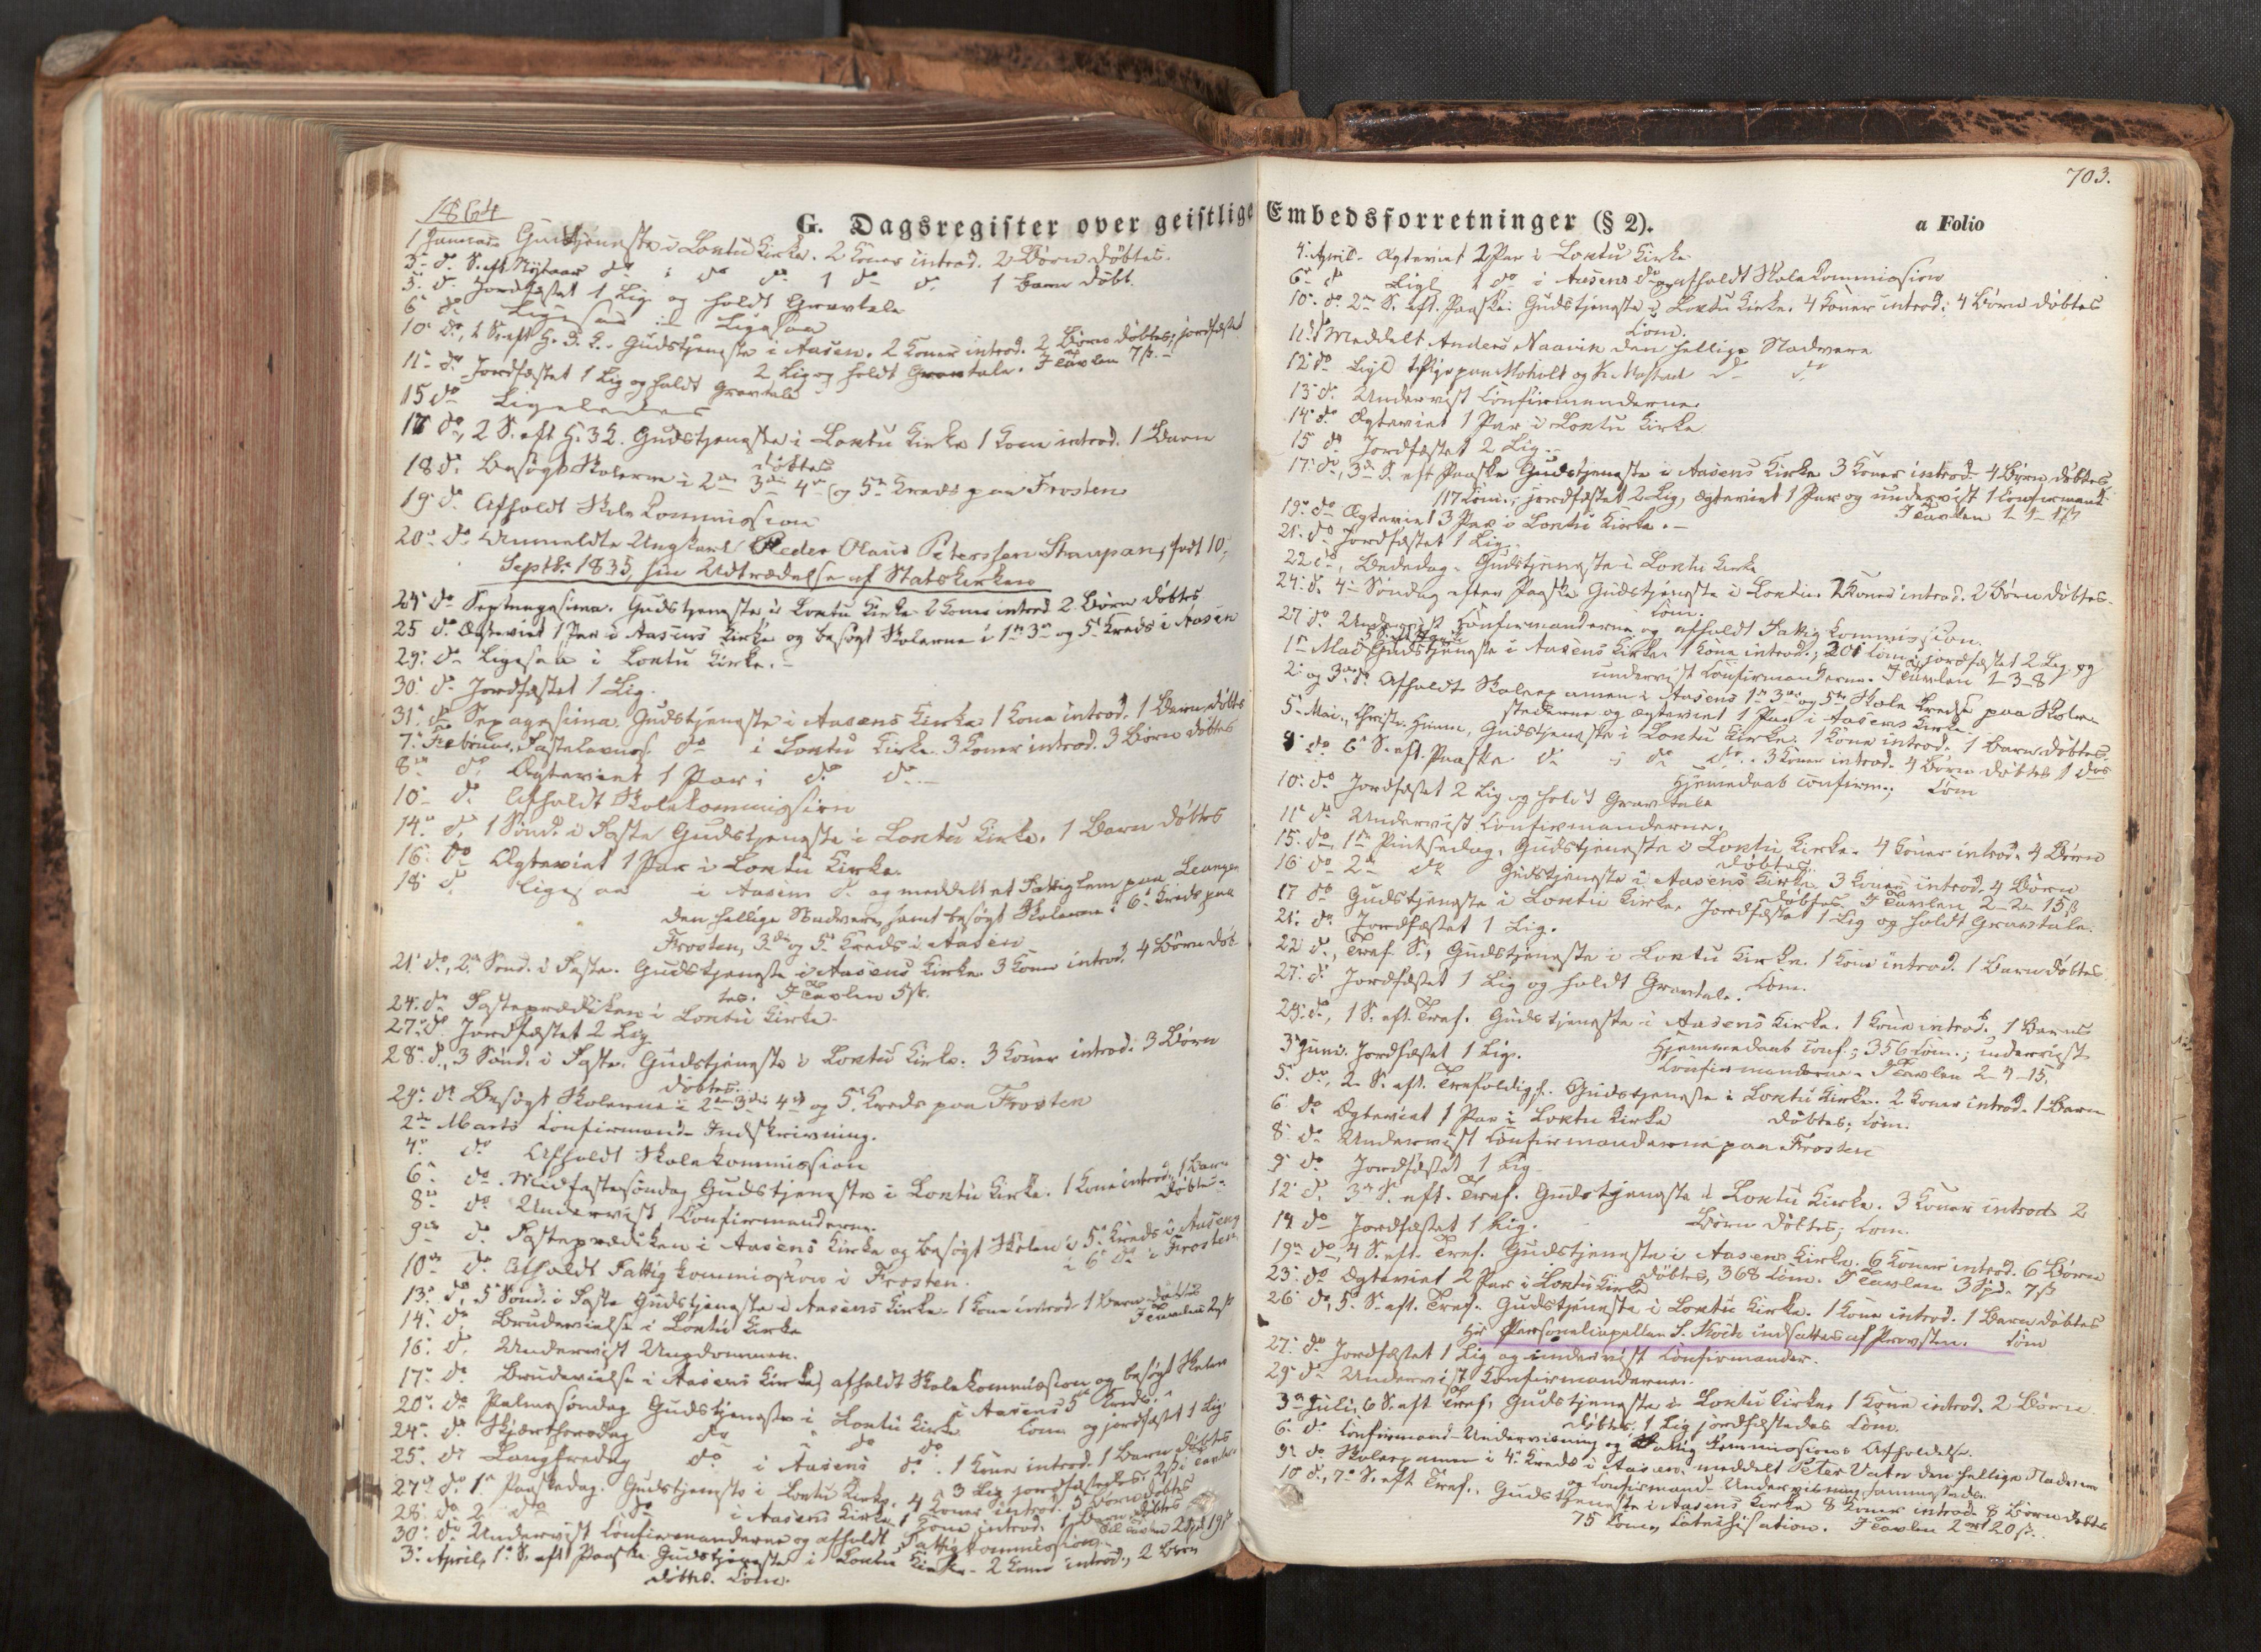 SAT, Ministerialprotokoller, klokkerbøker og fødselsregistre - Nord-Trøndelag, 713/L0116: Ministerialbok nr. 713A07, 1850-1877, s. 703